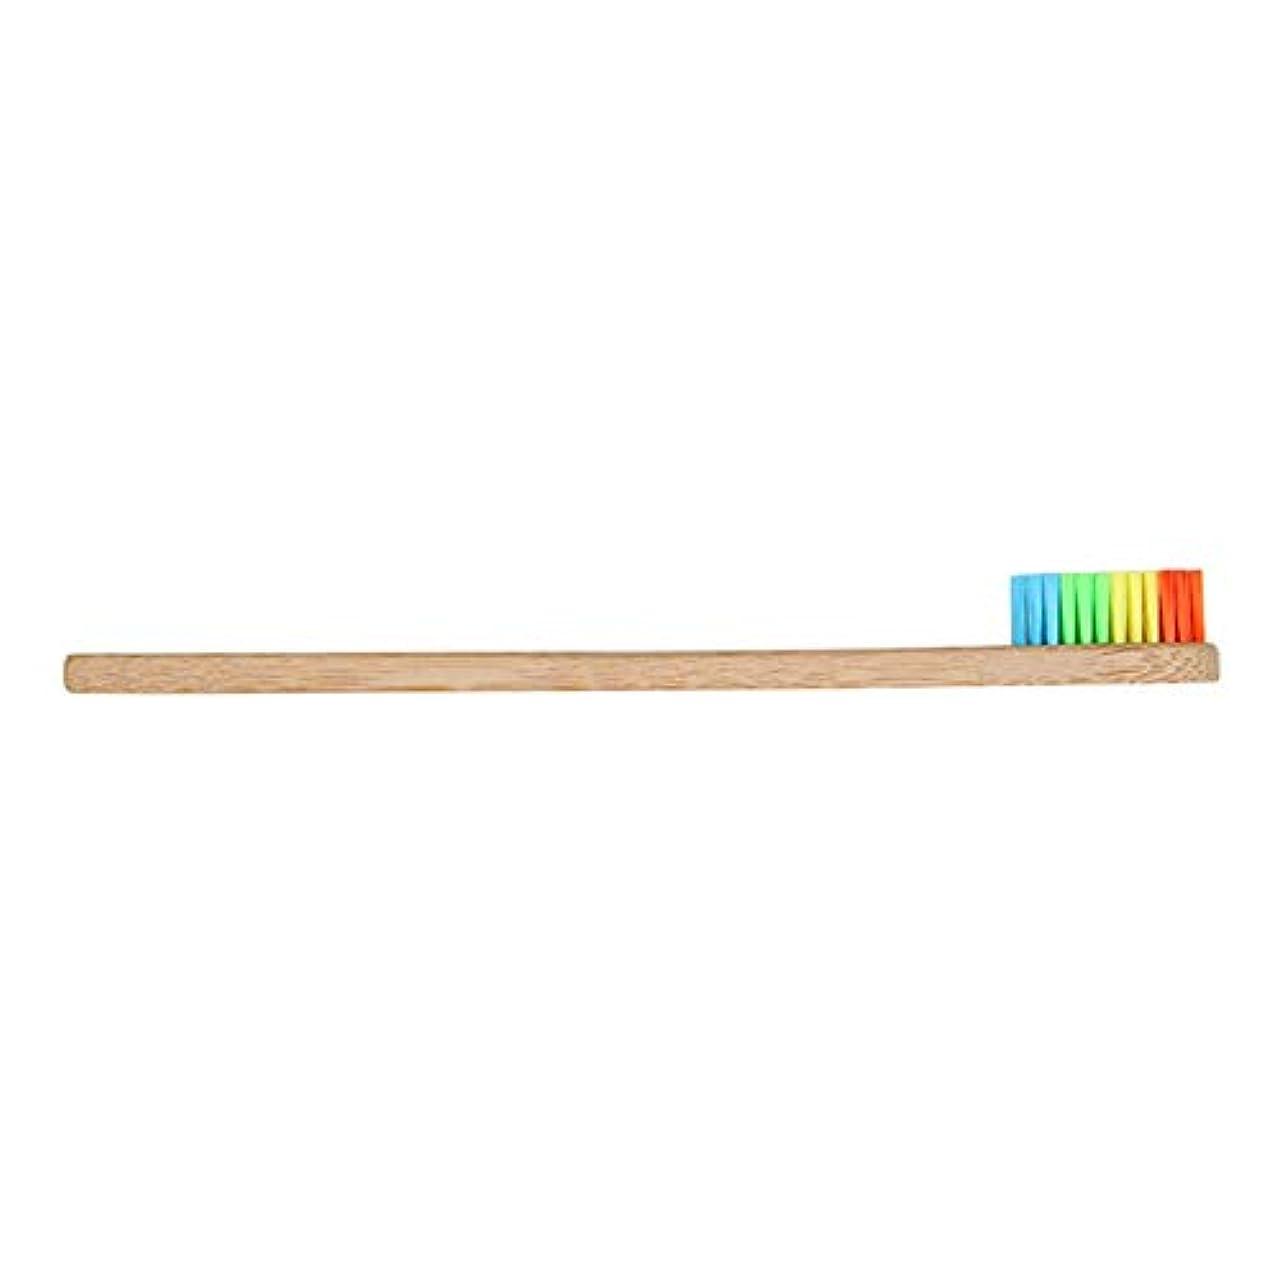 ジム突き出す圧倒的MAYouth 1/4ピース歯ブラシ竹木製ハンドルレインボーソフト剛毛オーラルケア歯ブラシ用大人子供